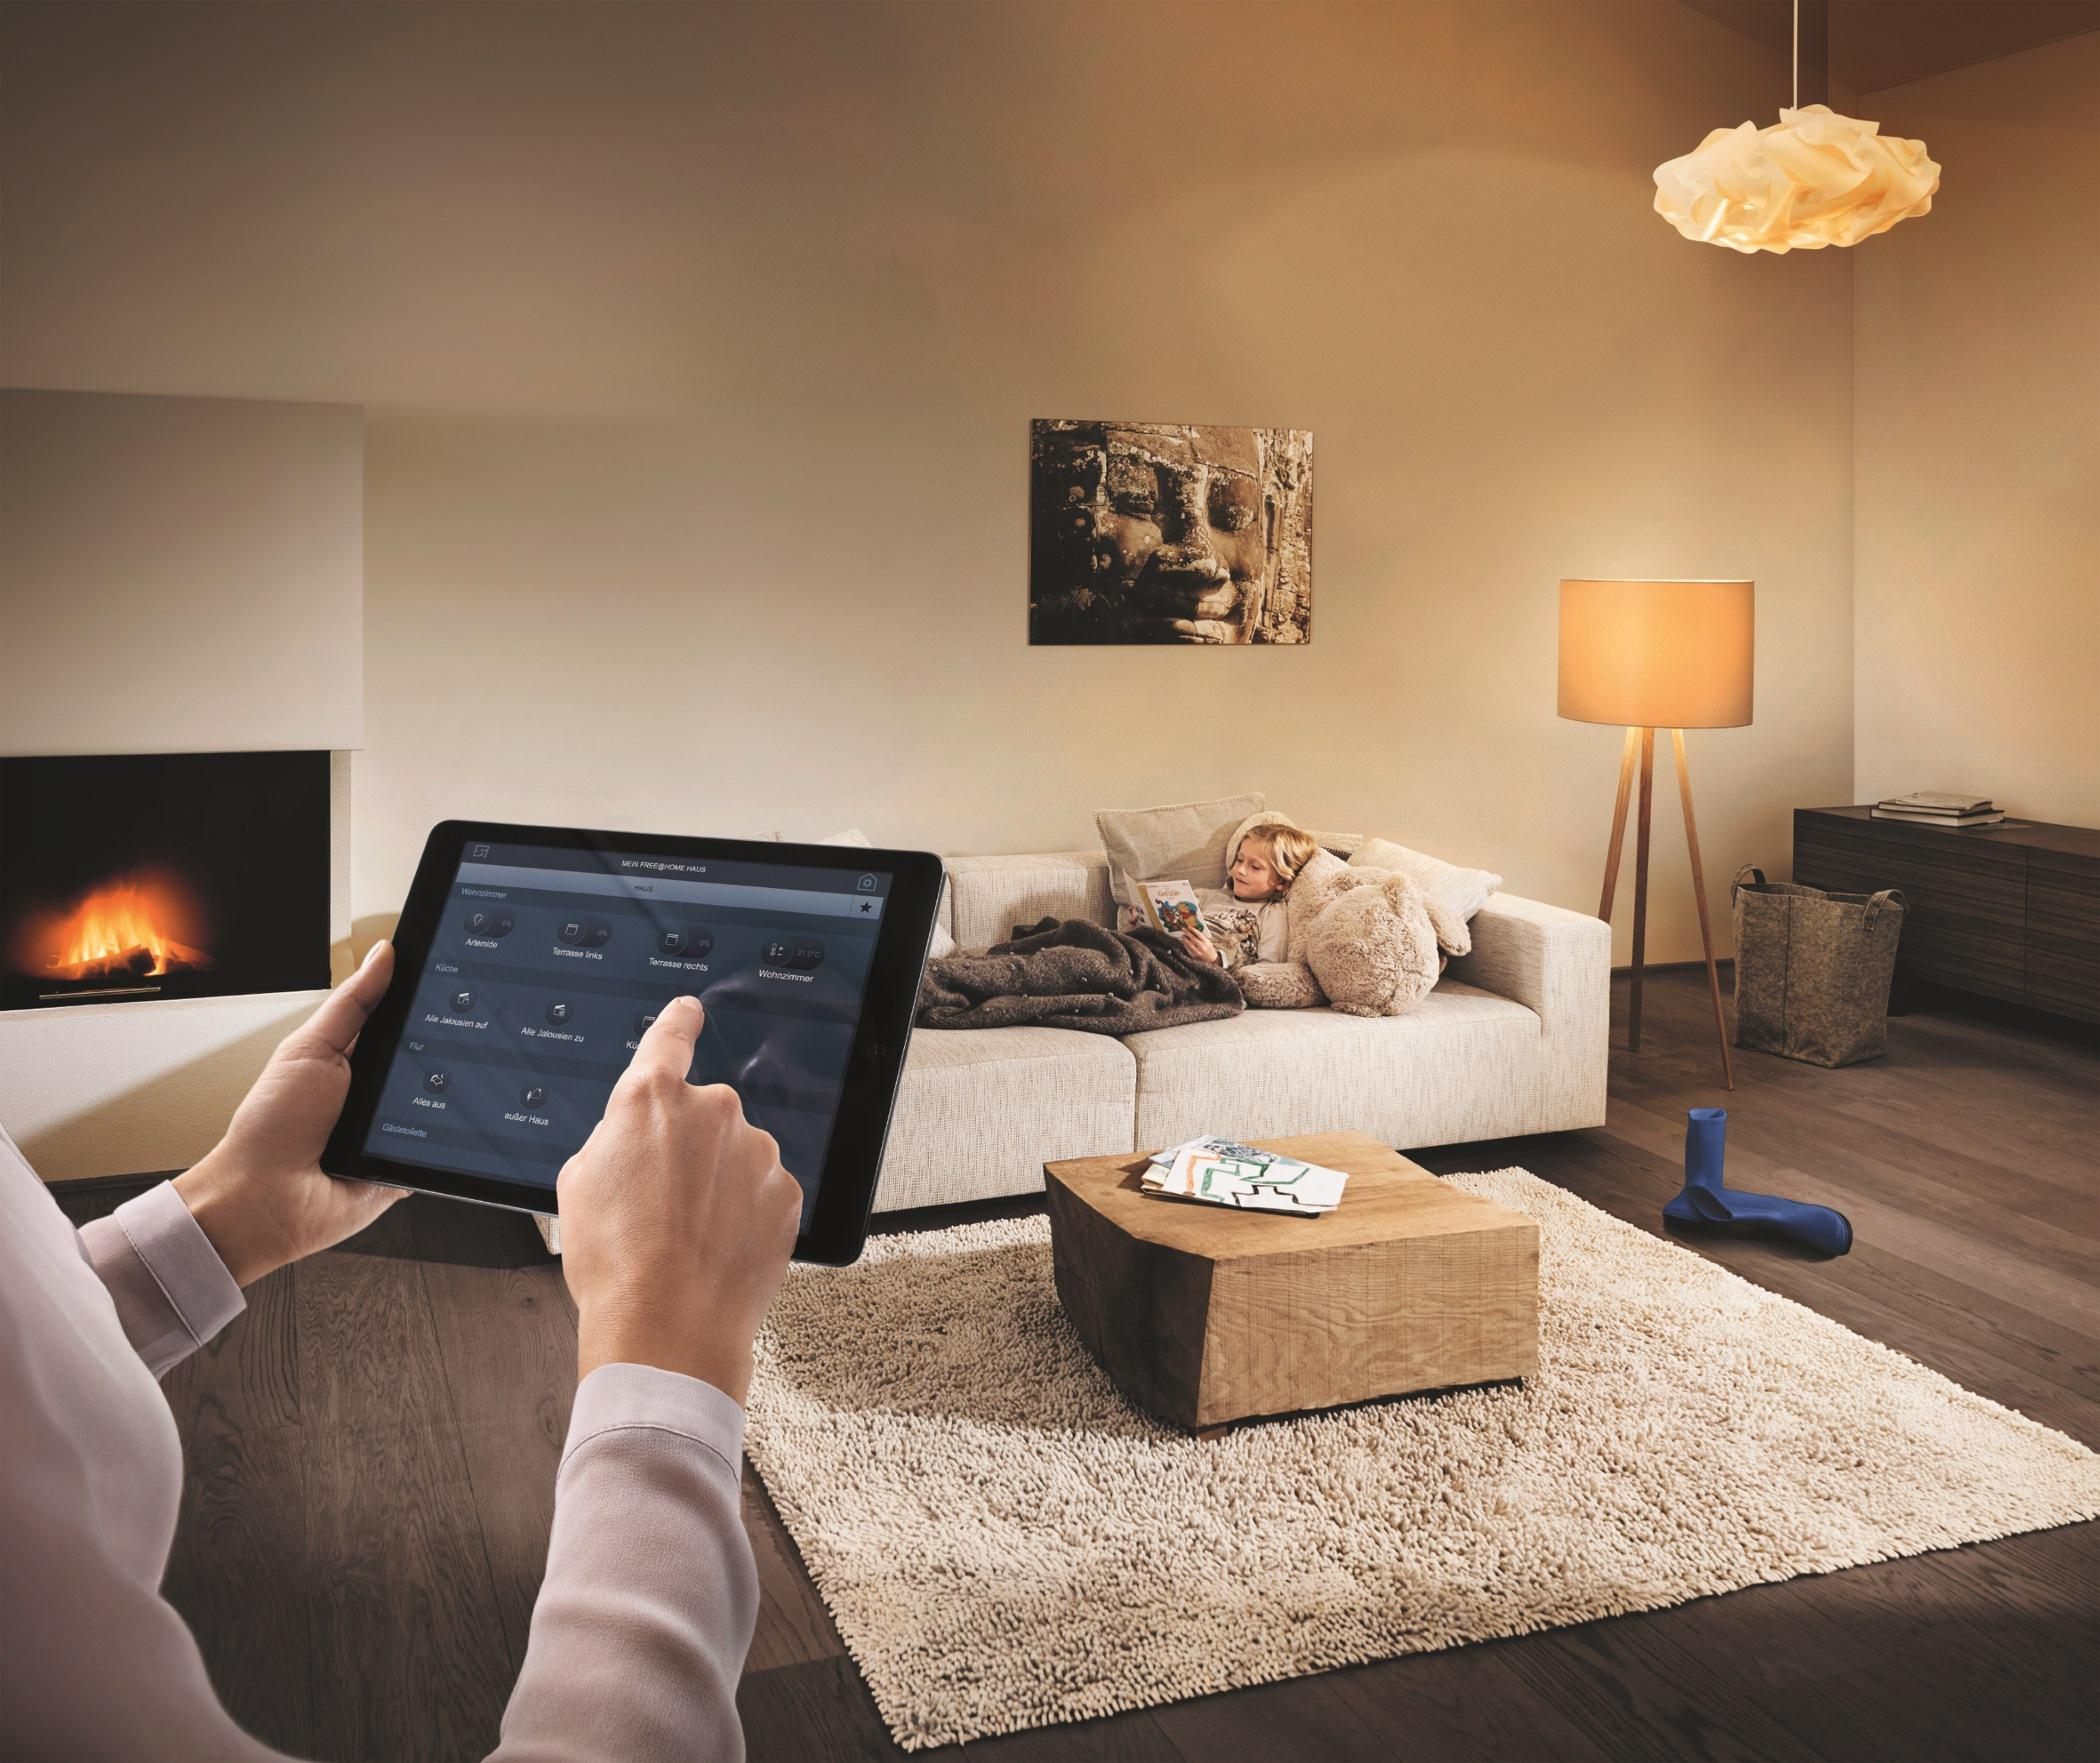 Heimsteuerung FreehomePanel Von BUSCH JAEGER Kamin Wohnzimmergestaltung Smarthome